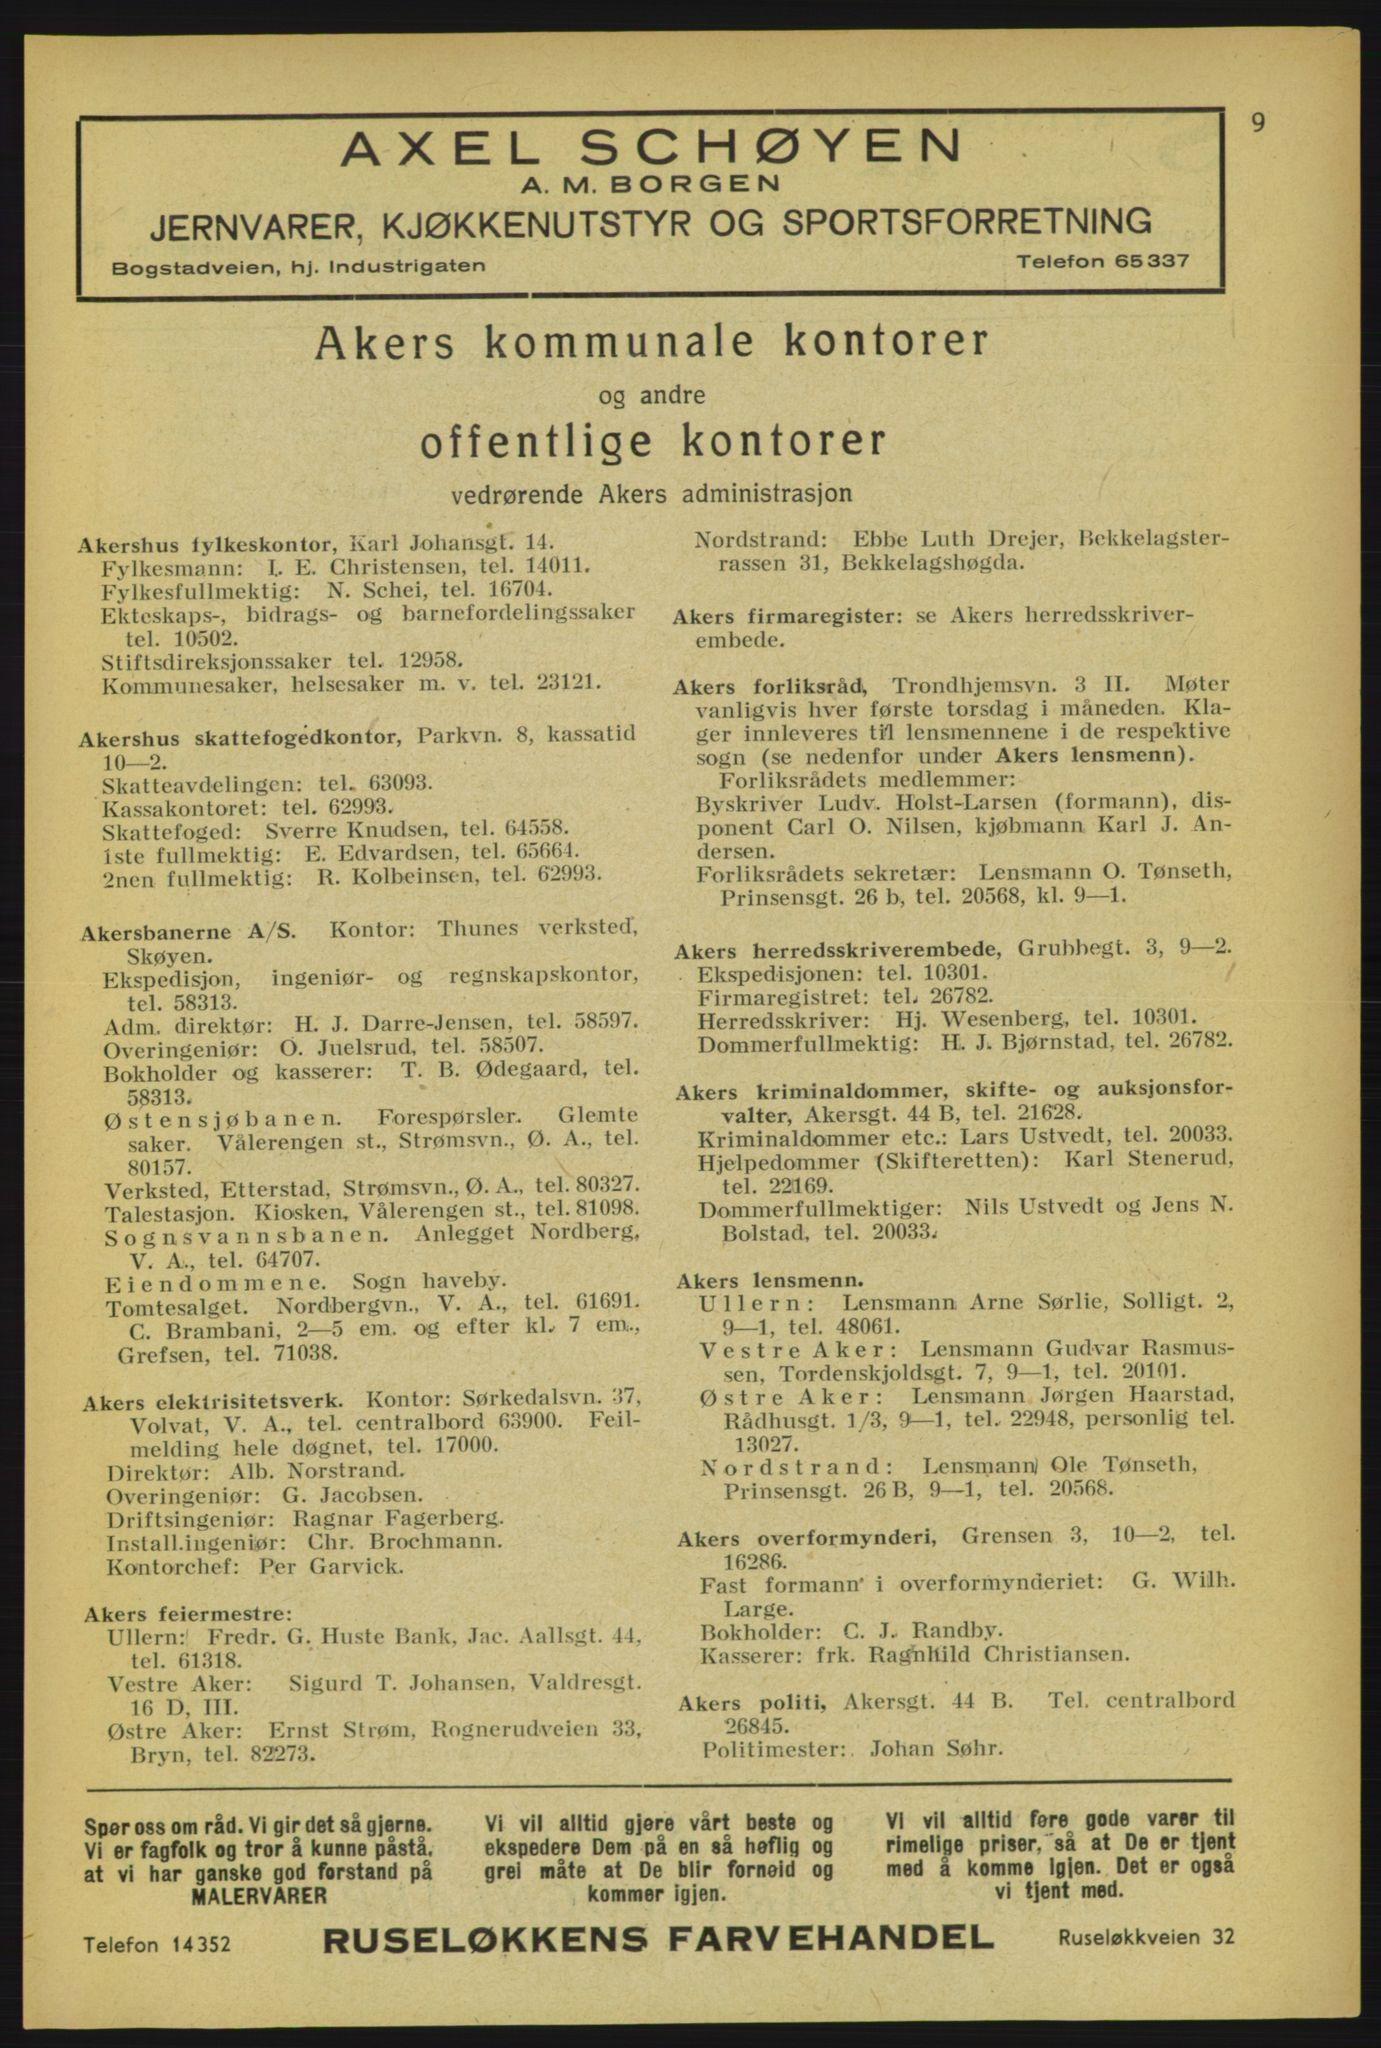 PUBL, Aker adressebok/adressekalender, 1934-1935, s. 9